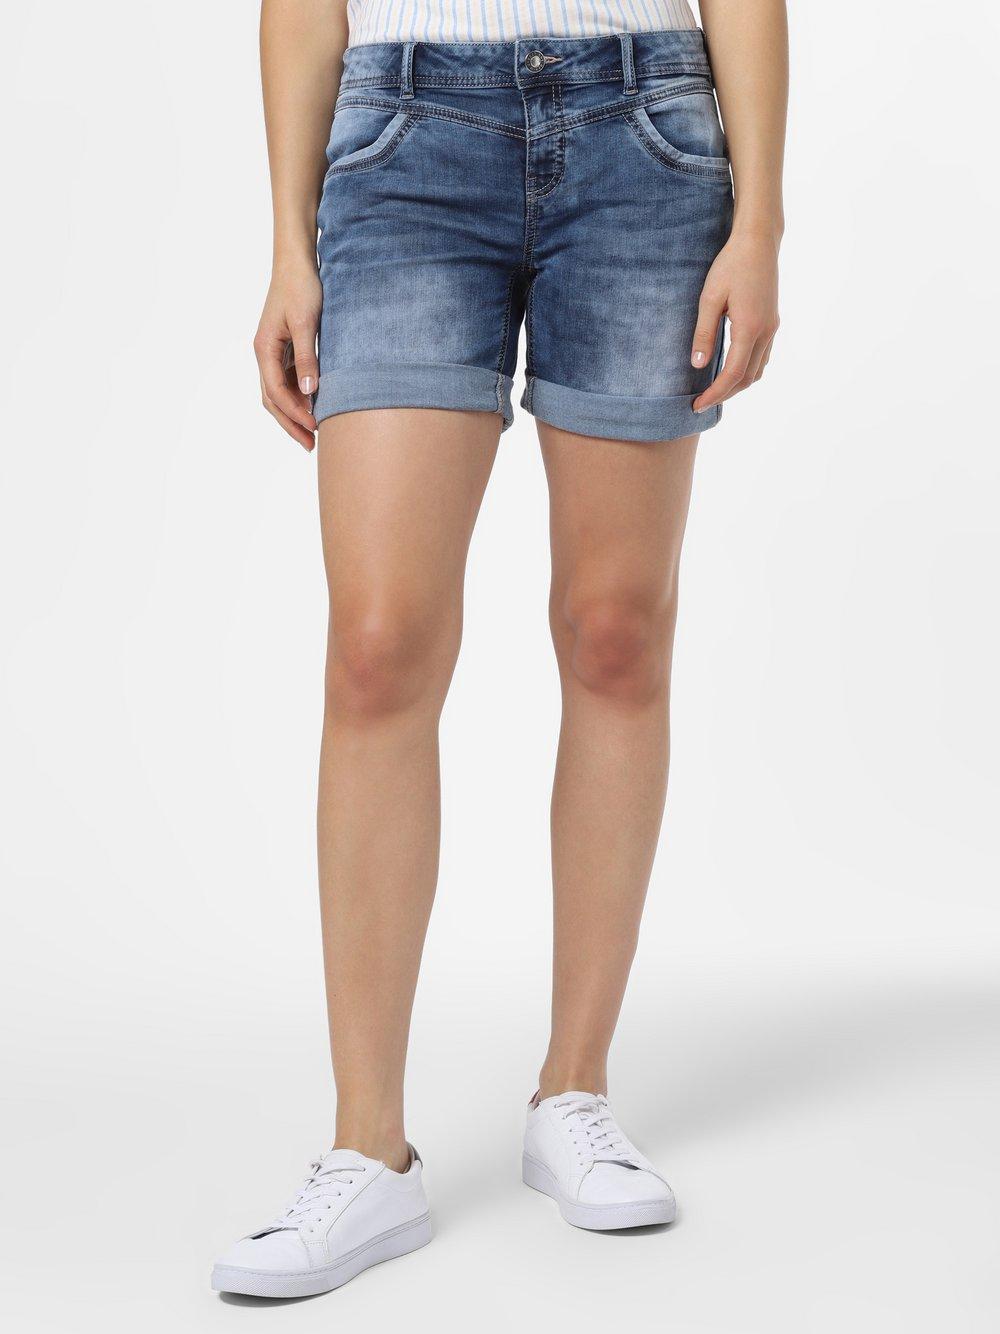 Street One – Damskie krótkie spodenki jeansowe, niebieski Van Graaf 483873-0001-00340